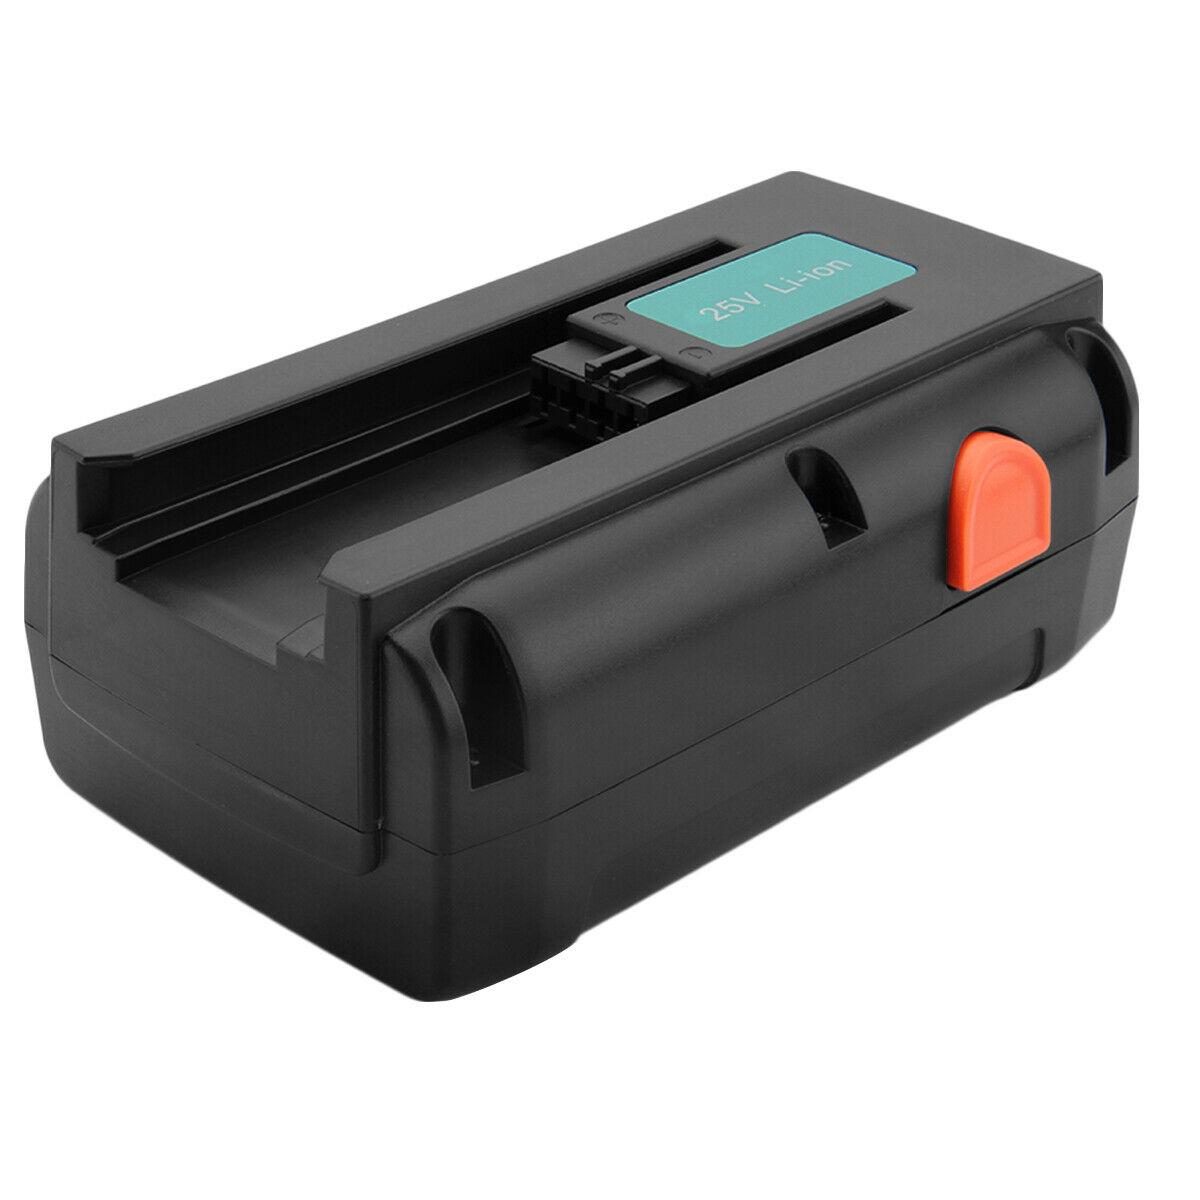 25V 5000mAh Gardena 04025-20 8838 380 LI Spindelmaher 4025-20 compatible Battery